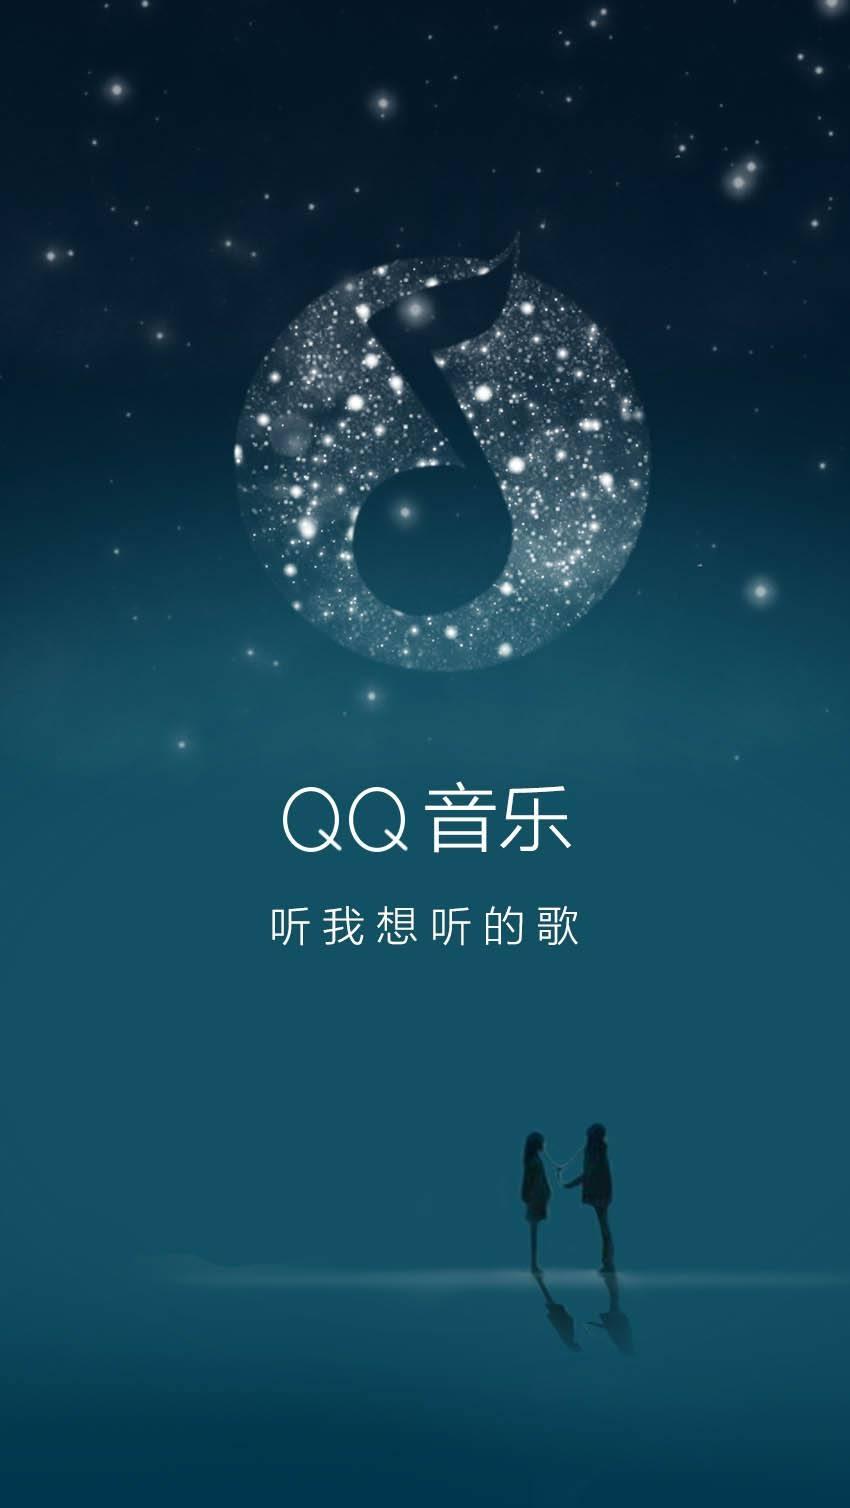 手机音乐播放软件 QQ音乐 9.7.0 安卓去广告免费版